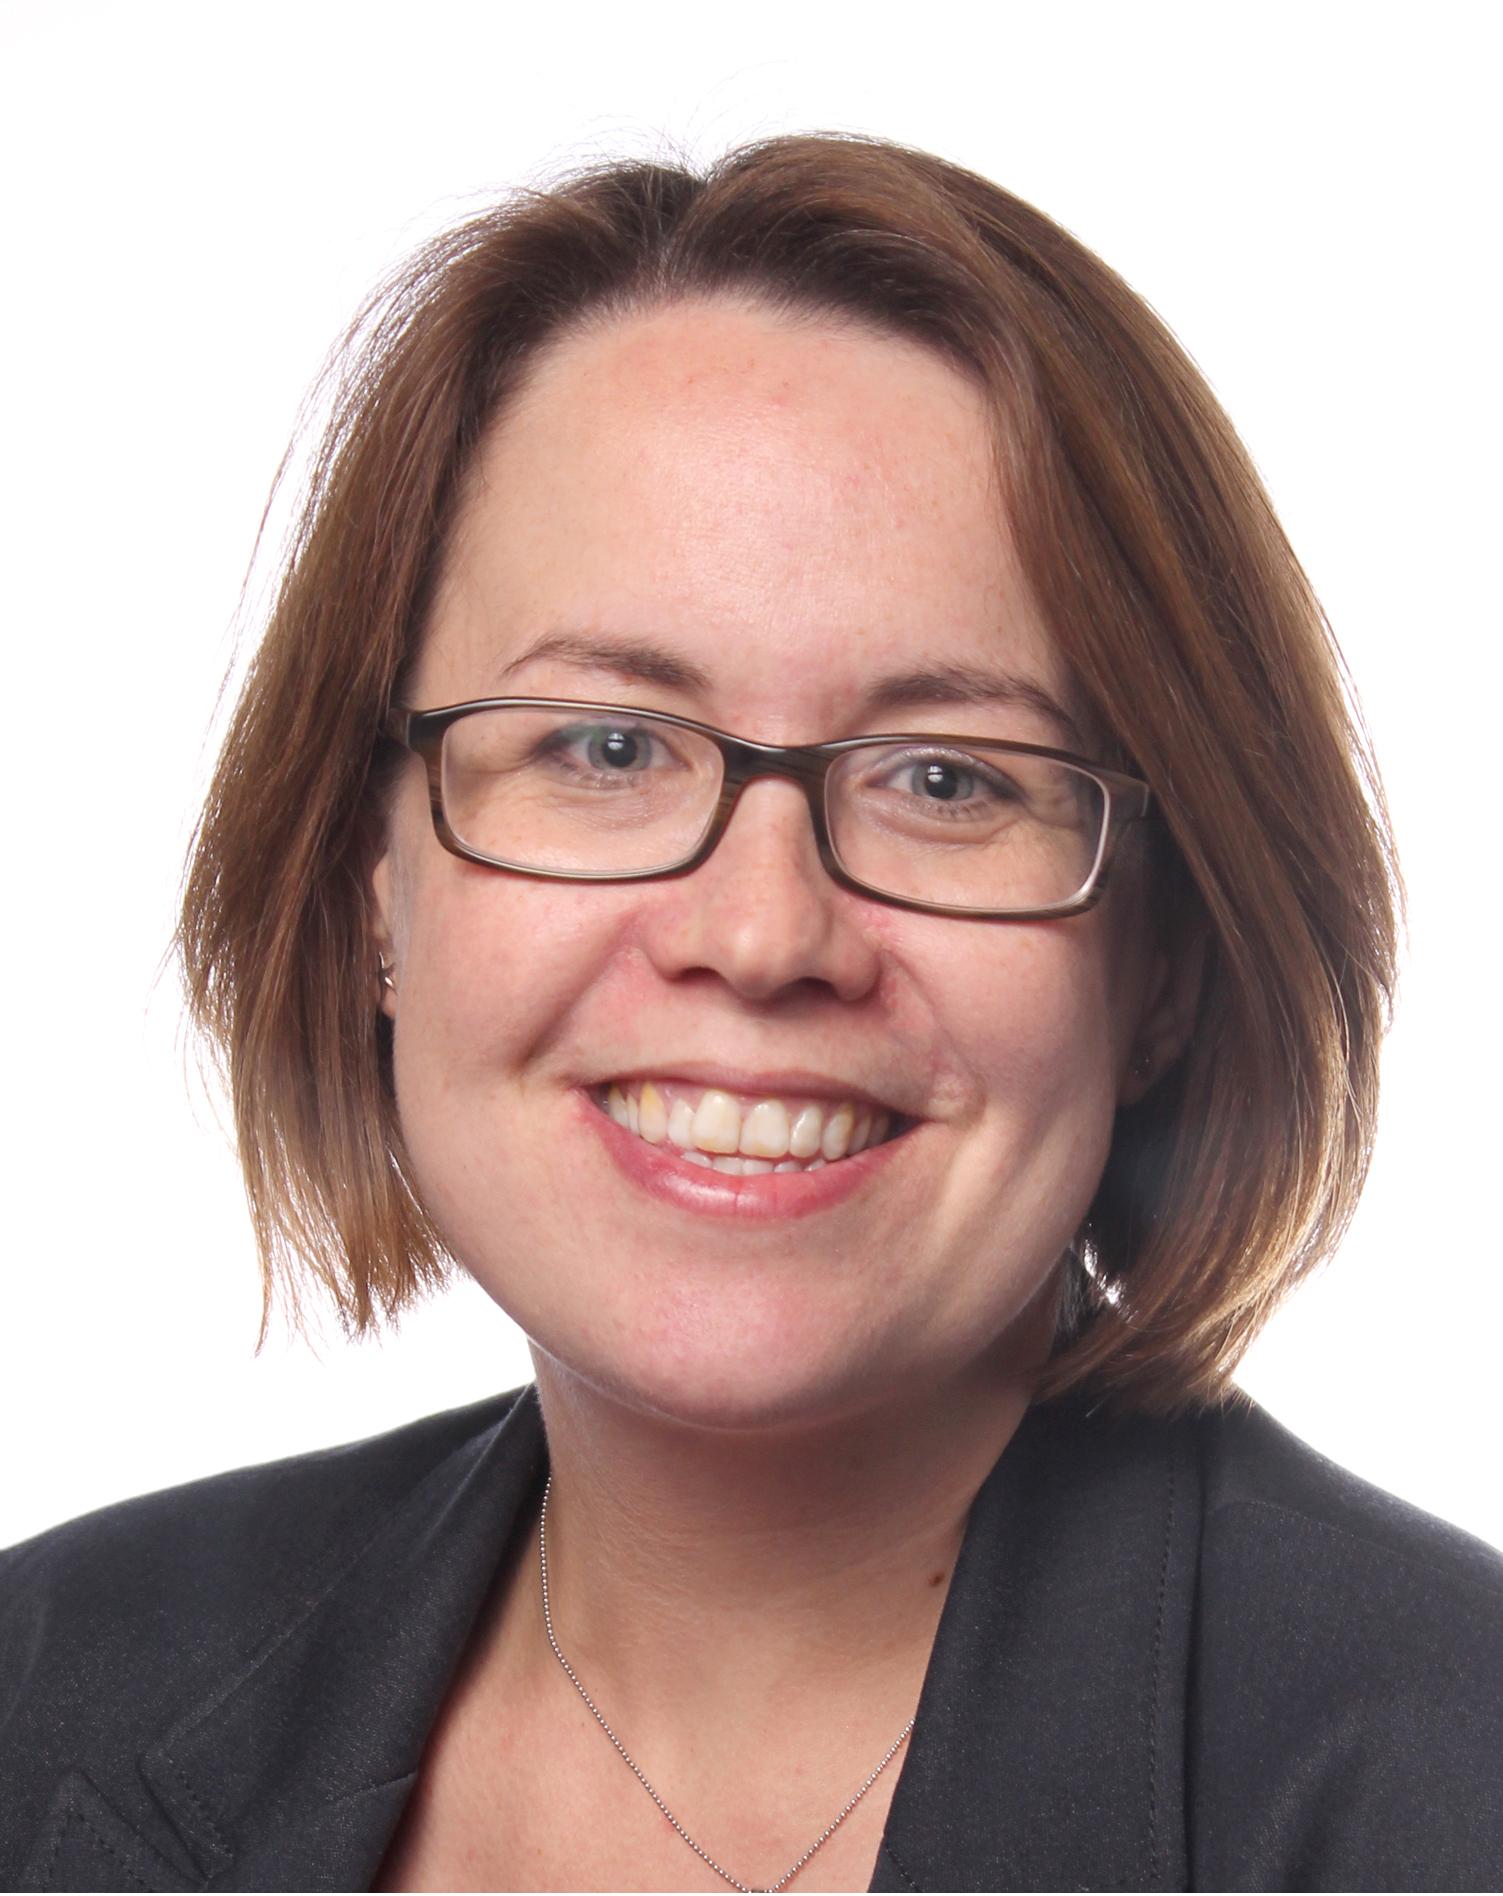 Rachel Billen, Chair of Personnel Committee